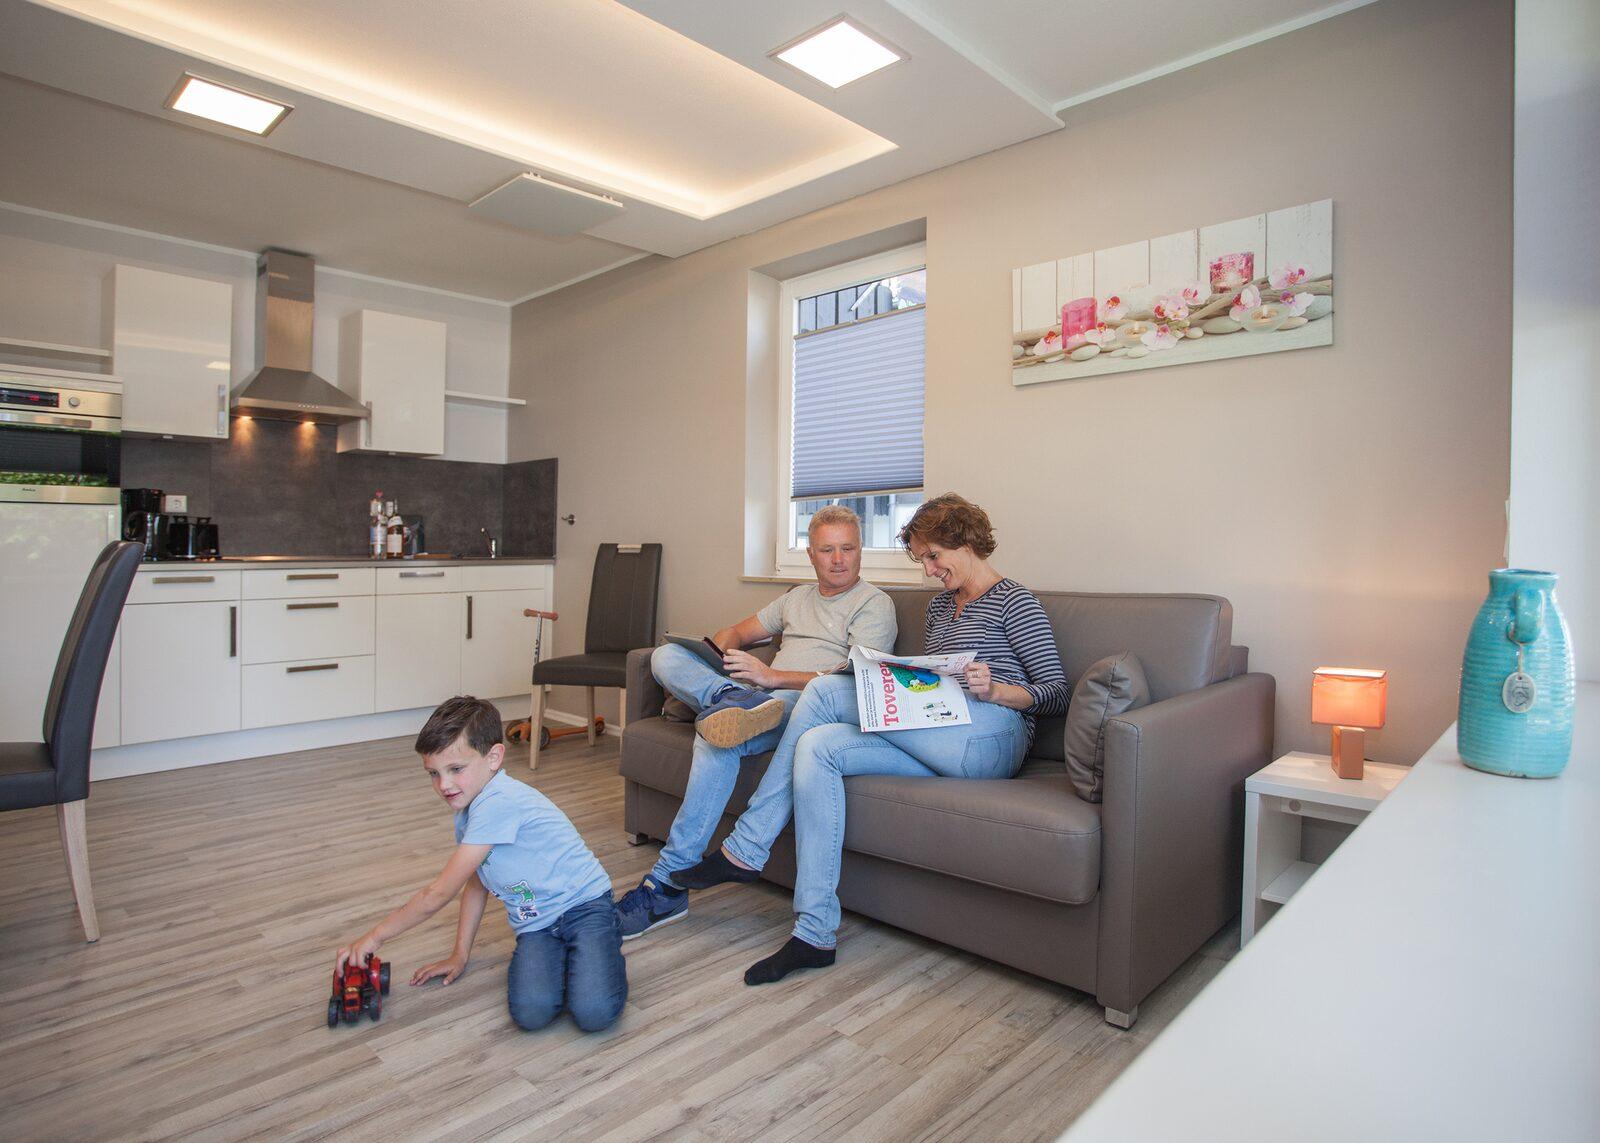 Appartement - Comfort 4 Personen